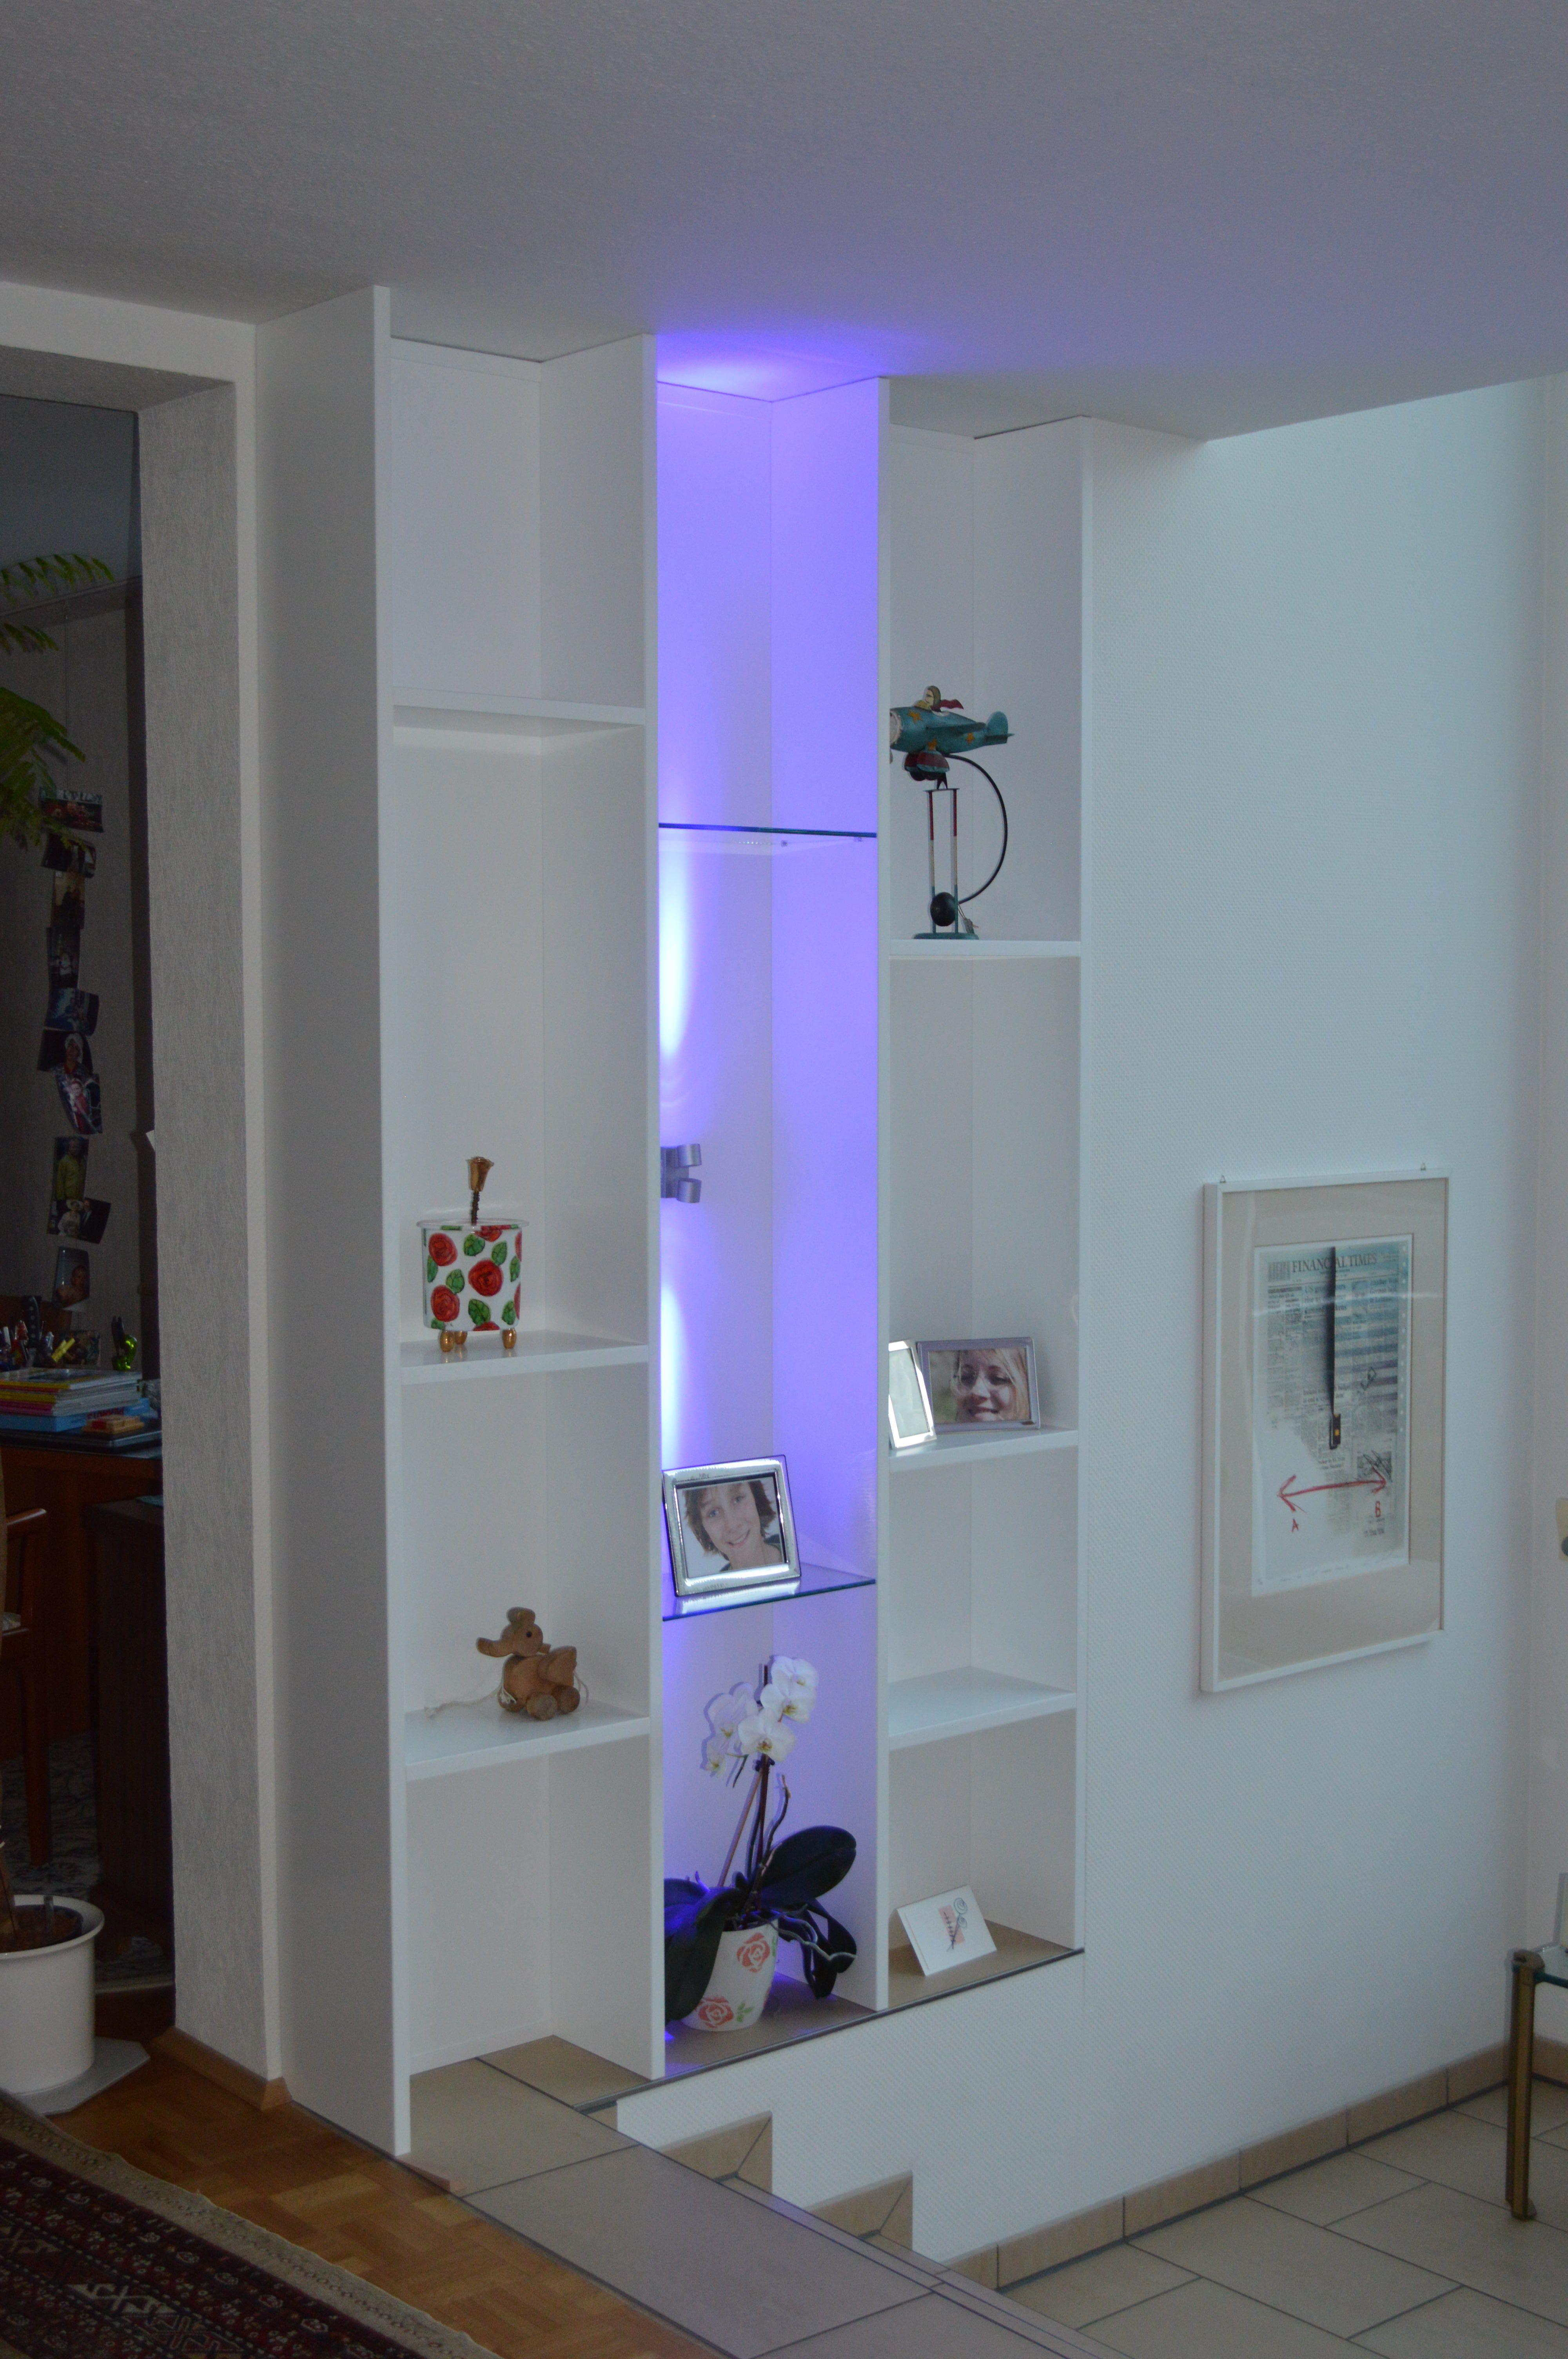 Wohnzimmer Regal Mit Violetter Beleuchtung Regal Pinterest